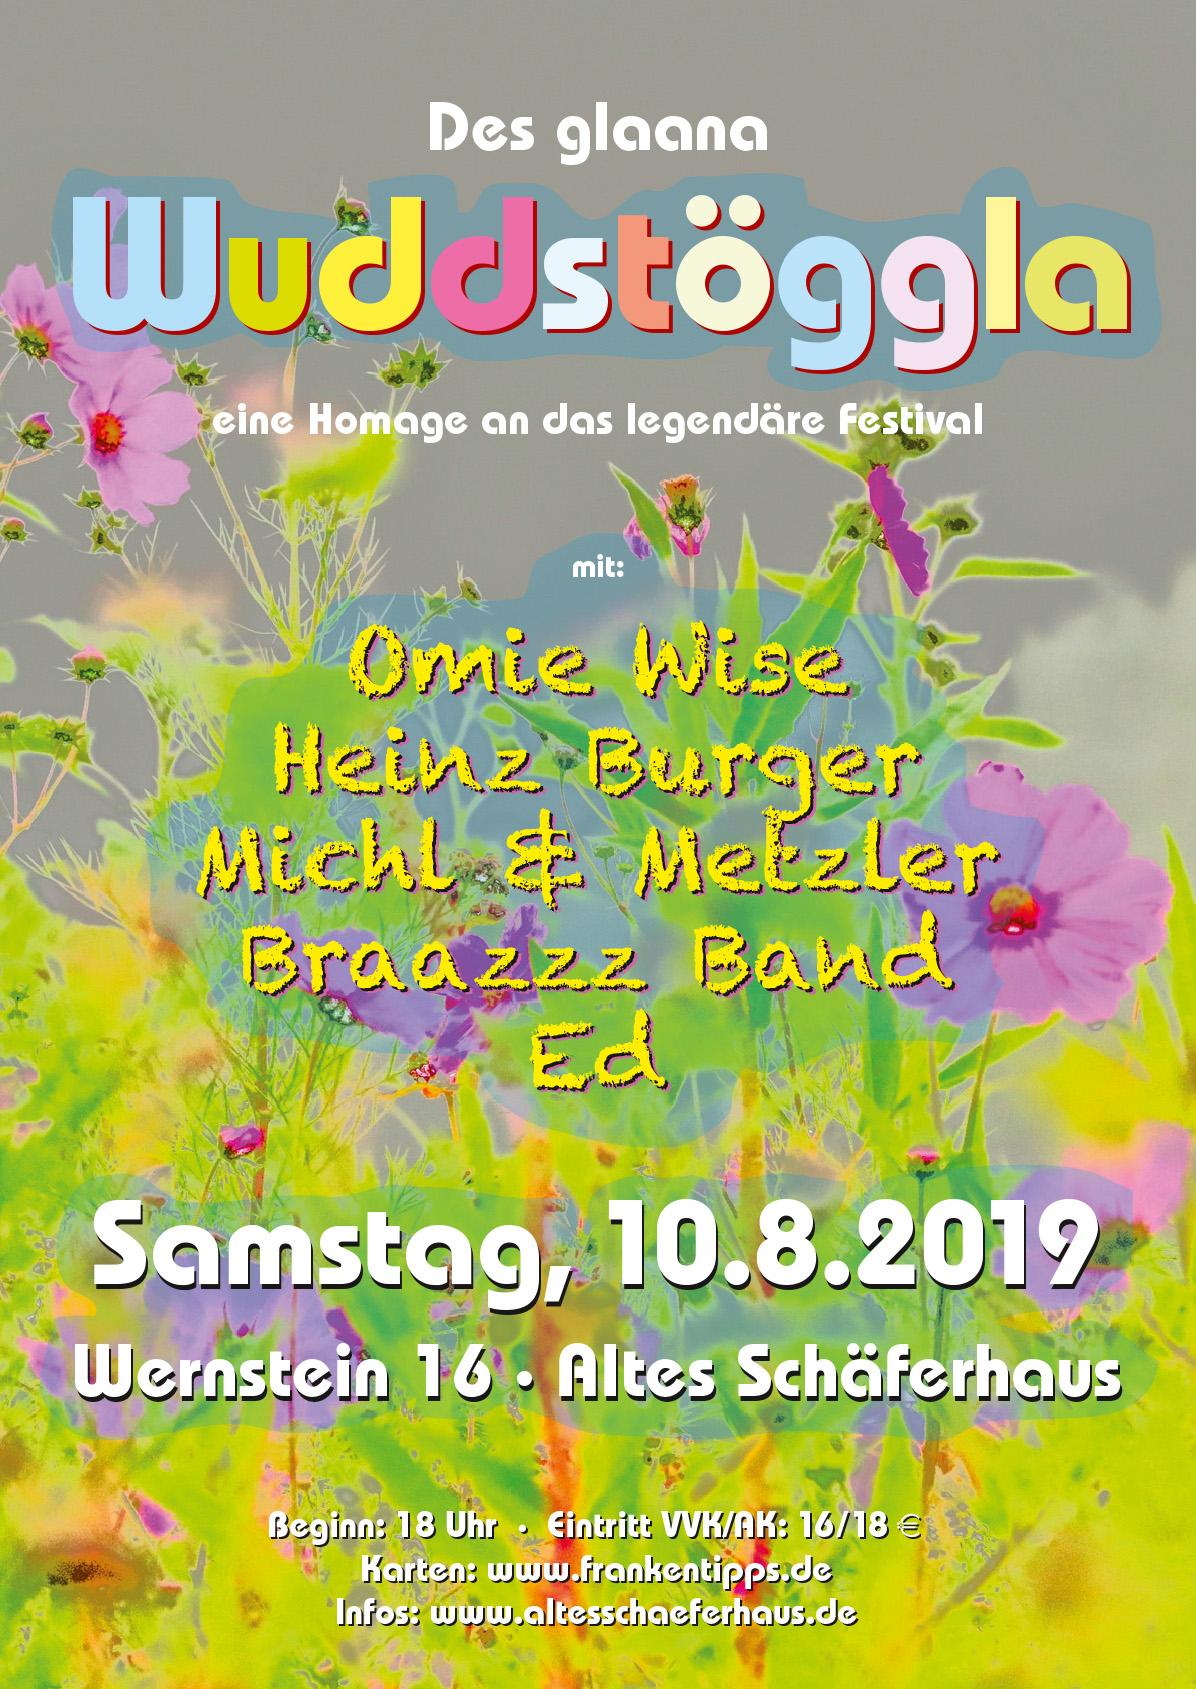 10. August 2019 – Wuddstöggla